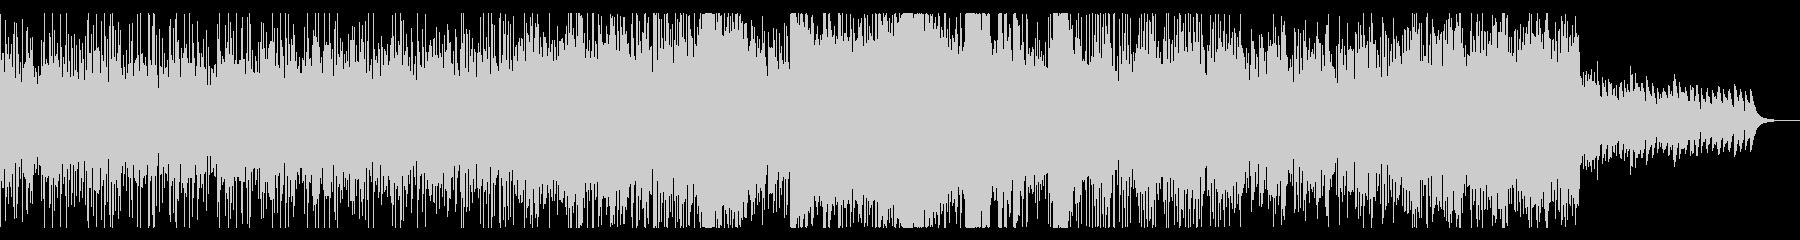 デジタルサイエンスで壮大なBGMの未再生の波形